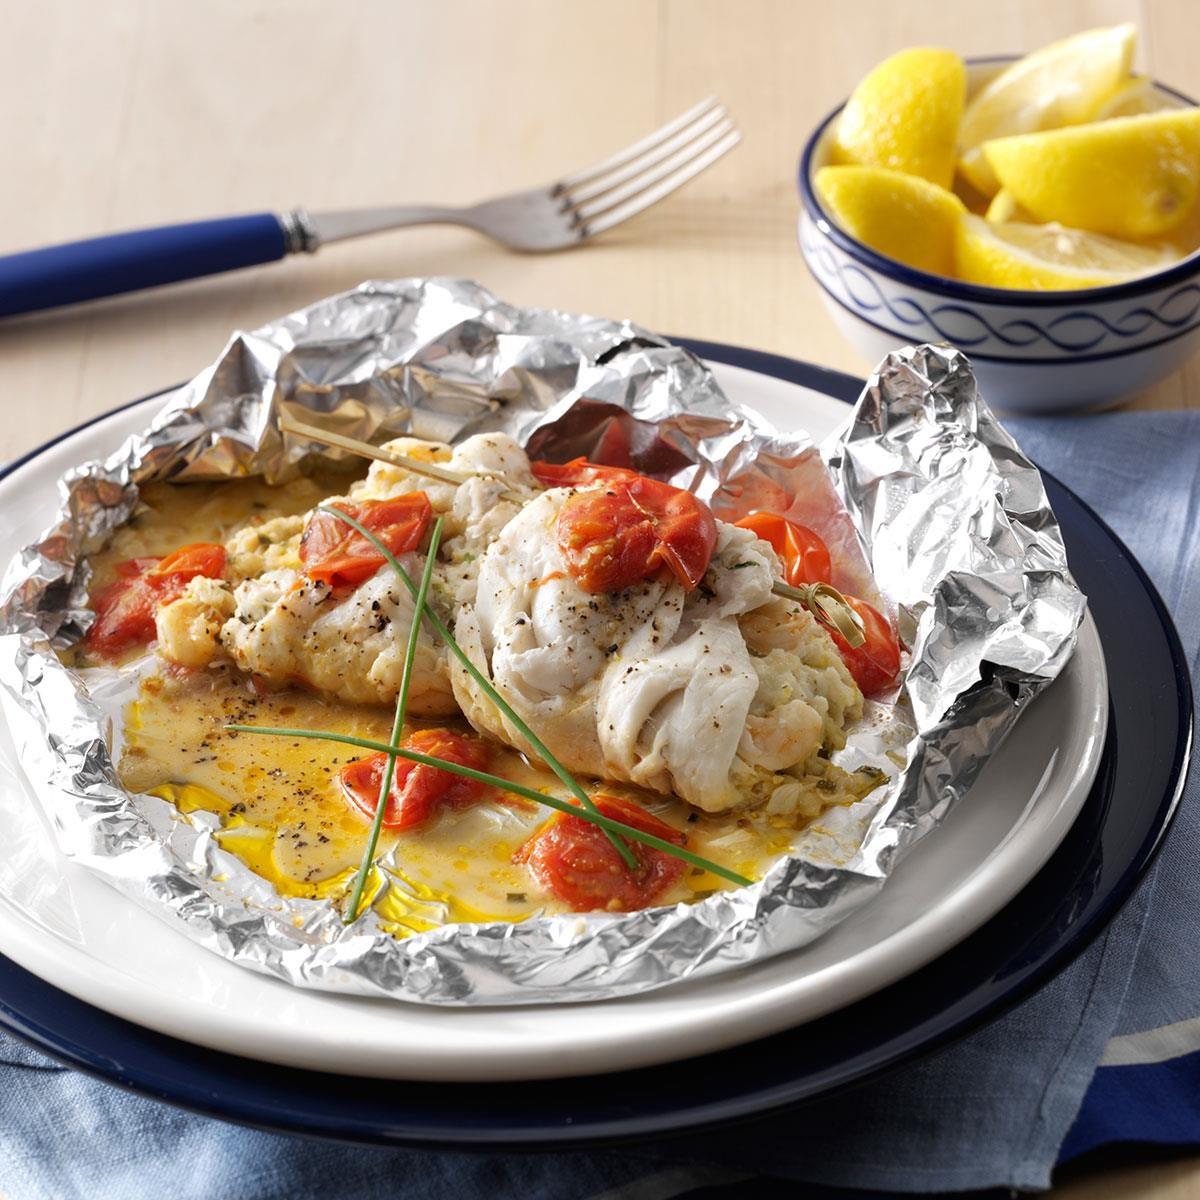 Crab Amp Shrimp Stuffed Sole Recipe Taste Of Home